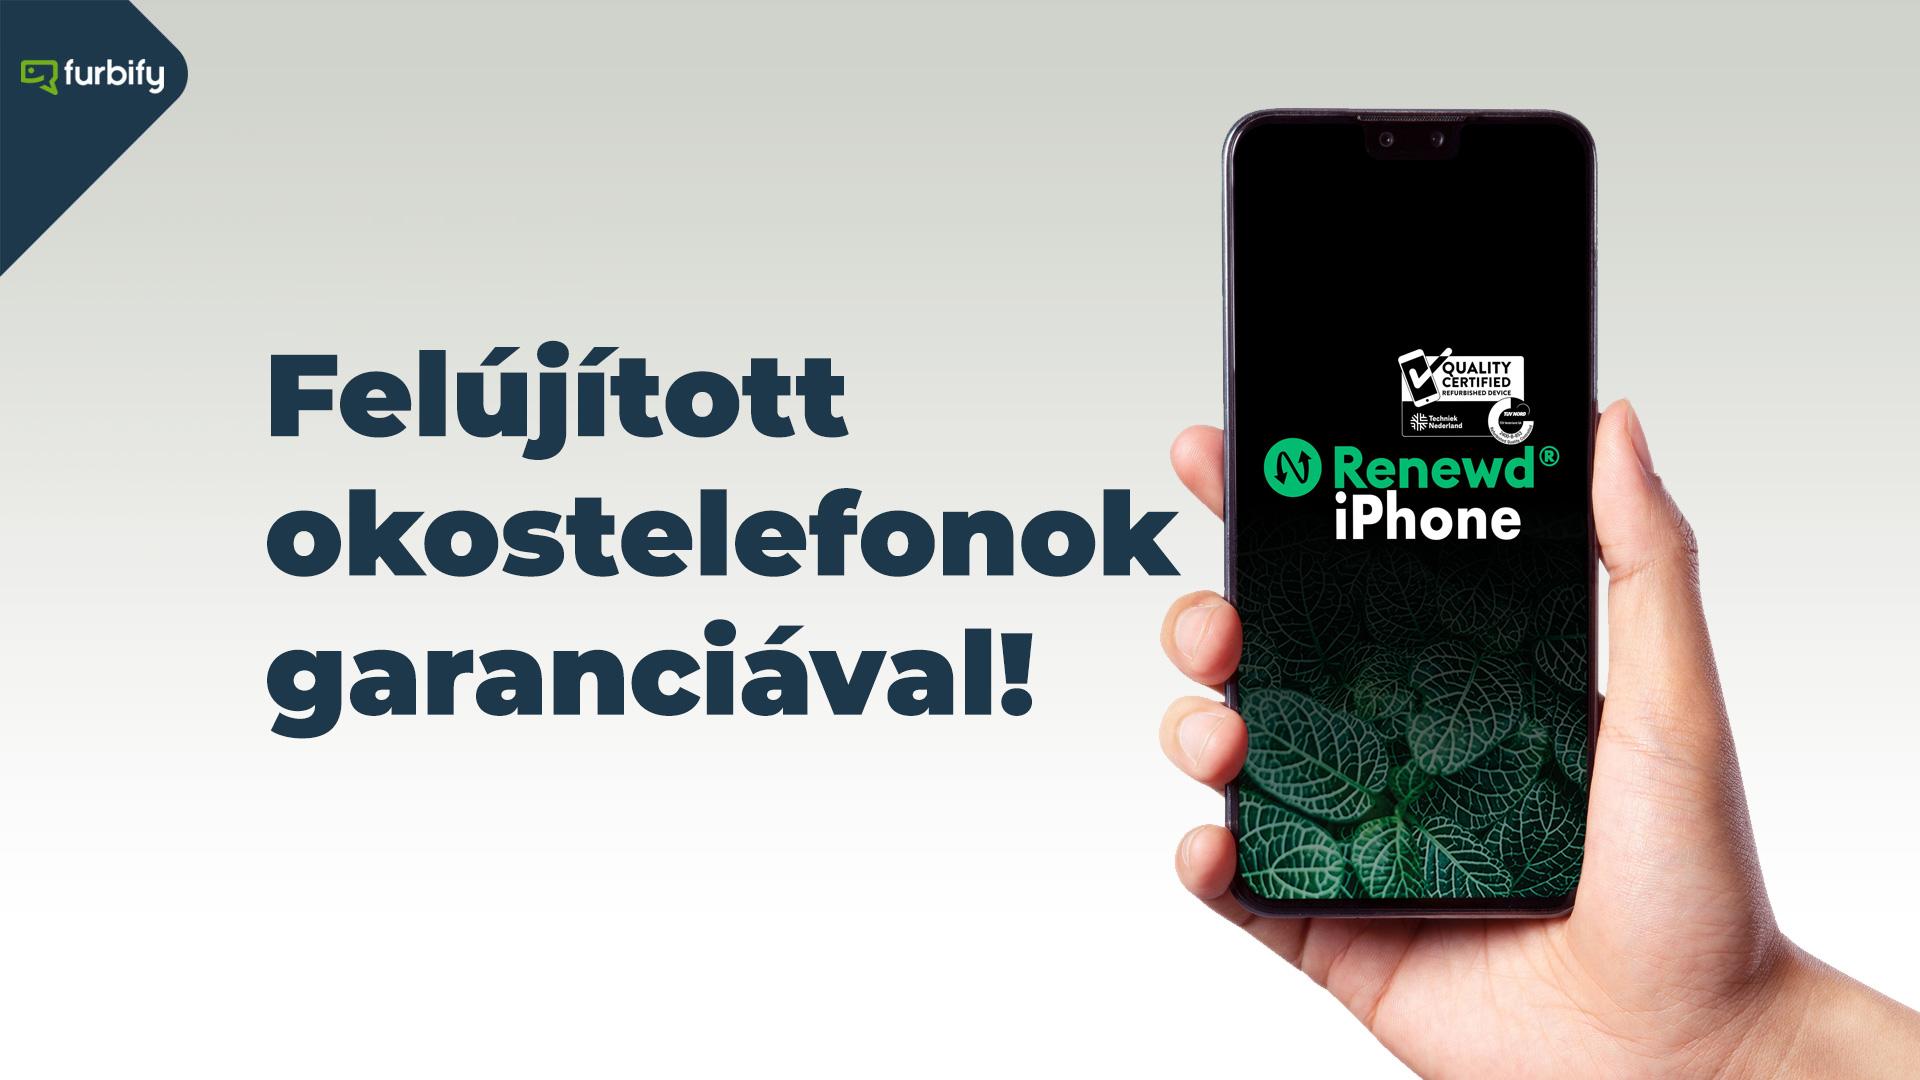 felújított okostelefonok